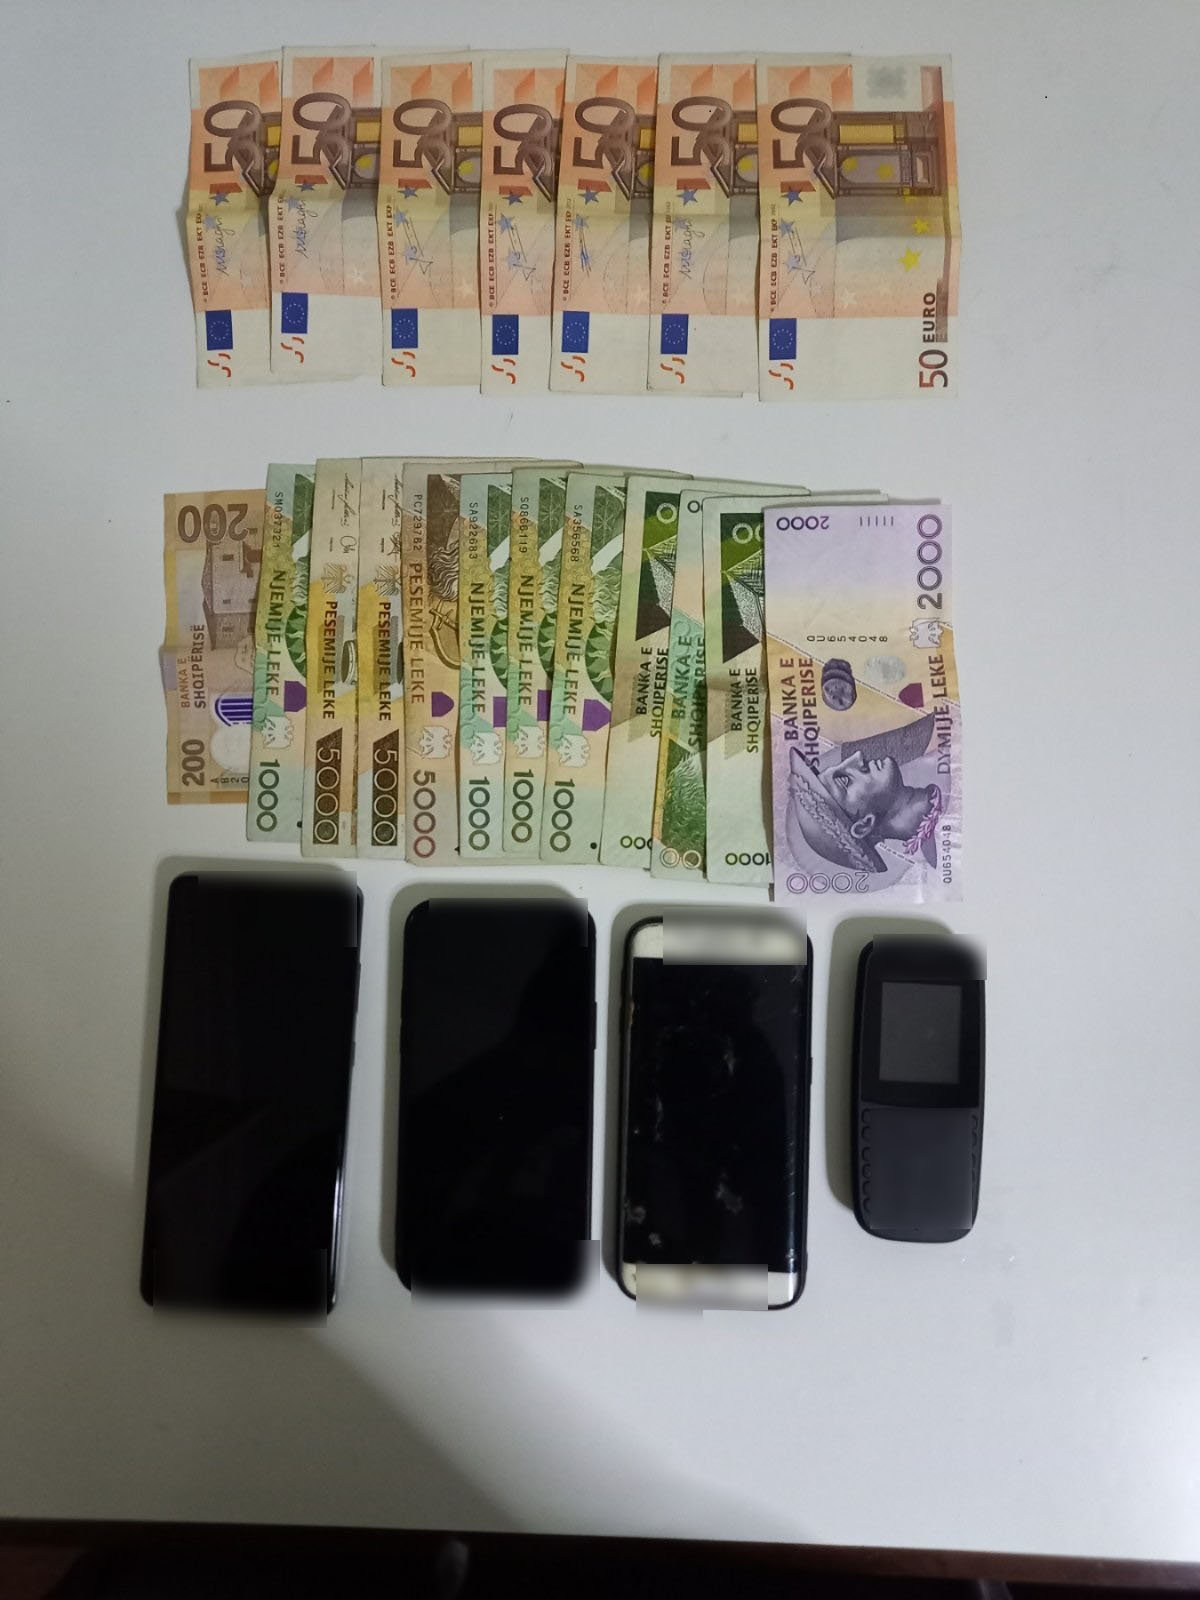 Συνελήφθησαν διακινητές μεγάλης ποσότητας ναρκωτικών 23082021kastoria002